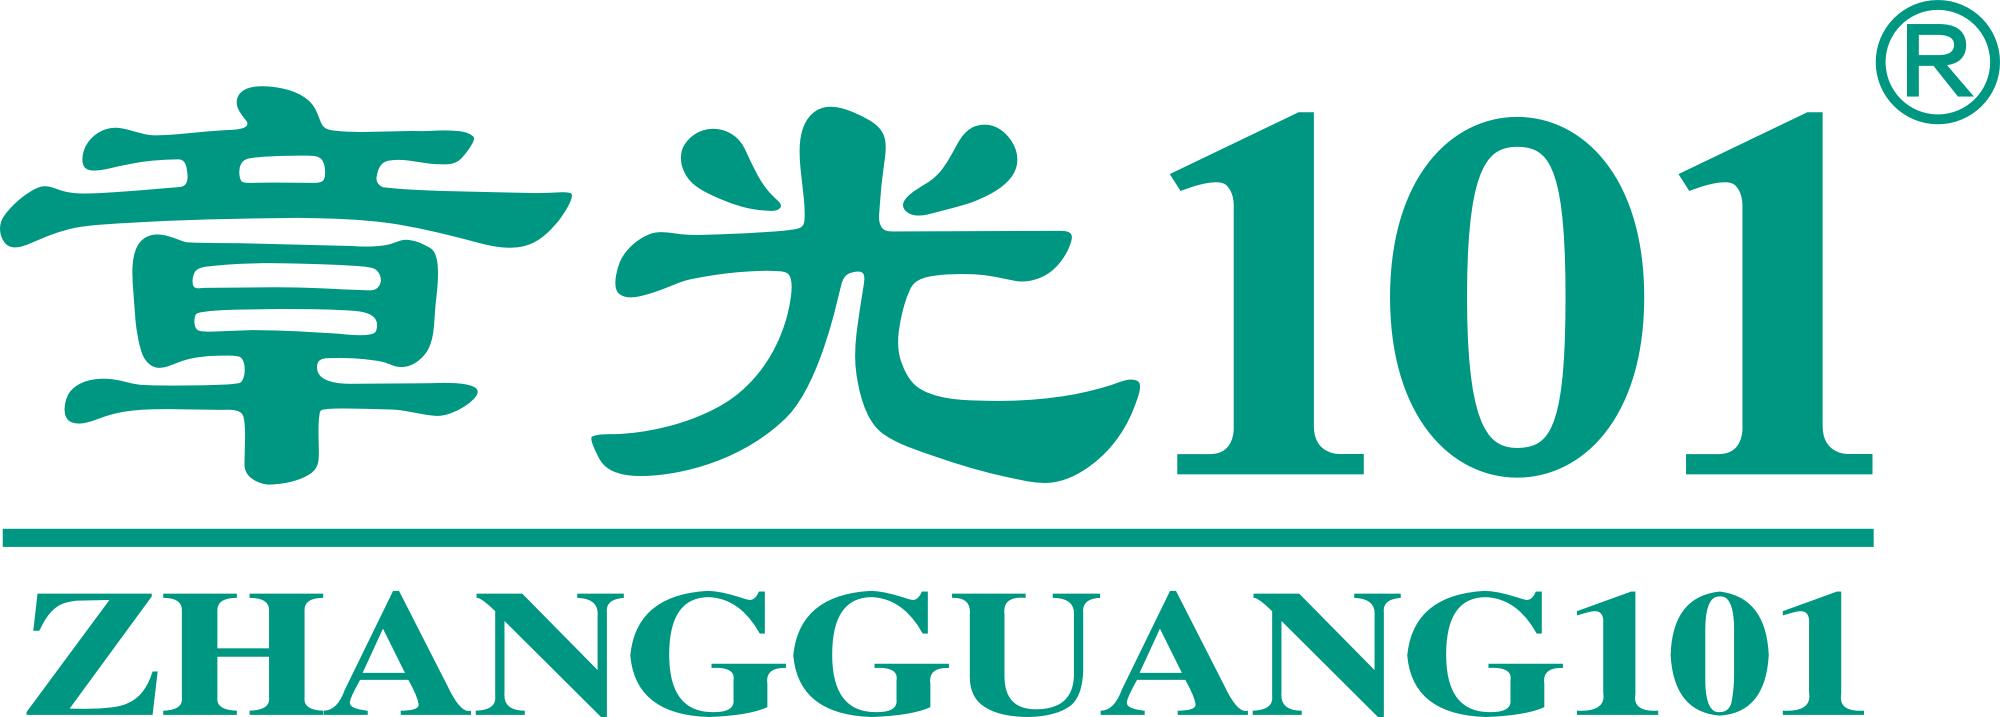 浙江章光101有限公司